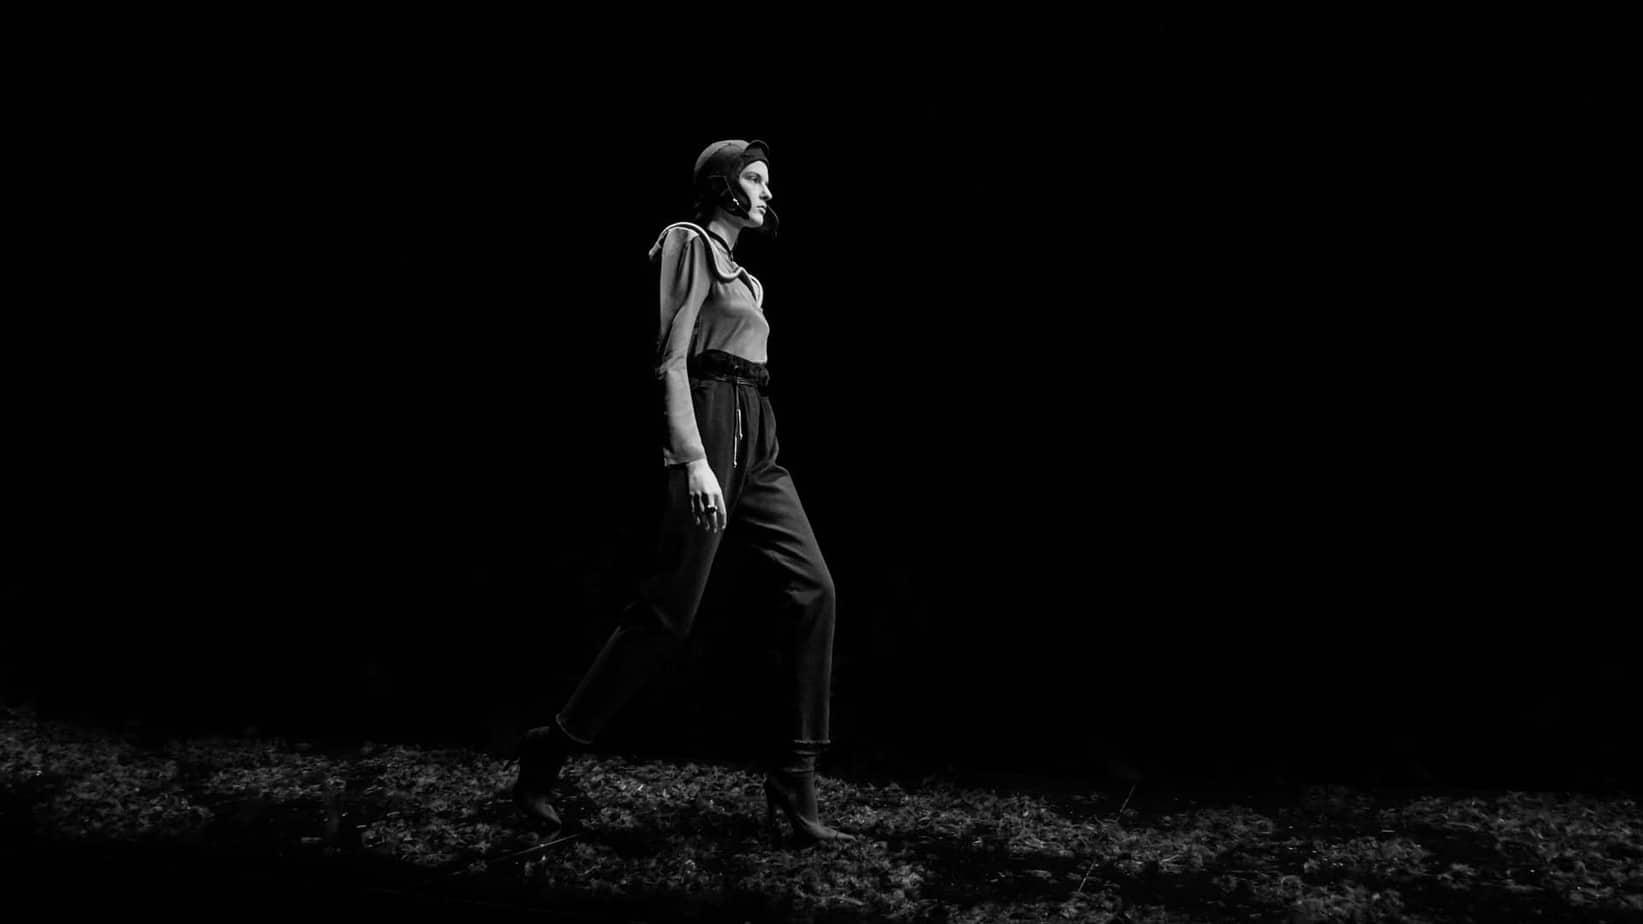 ויוי בלאיש. שבוע האופנה תל אביב 2019. צילום עינב הלפגוט - 4